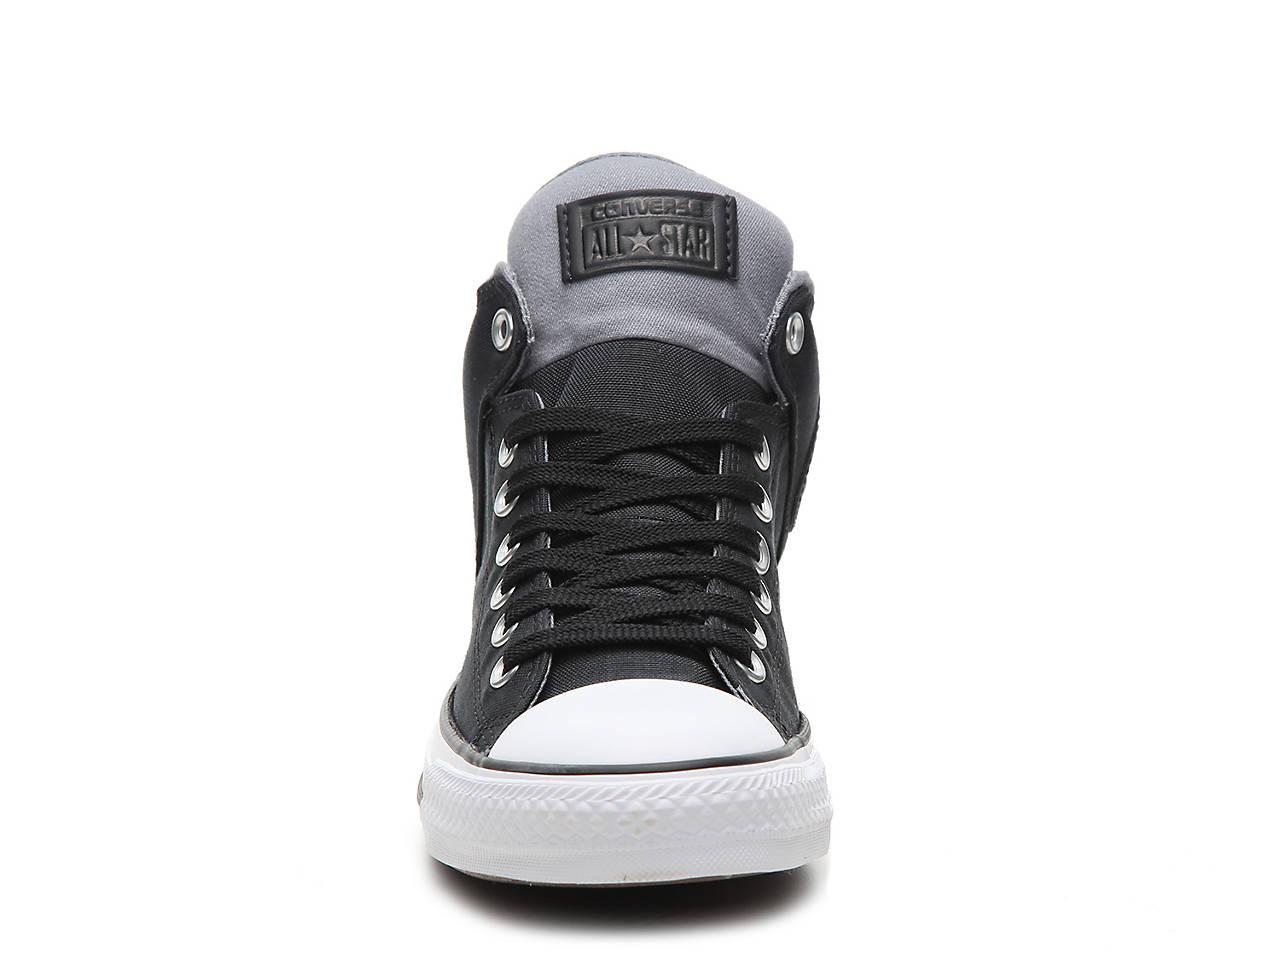 0382e53e3119 previous. Chuck Taylor All Star Street Cordura High-Top Sneaker - Men s